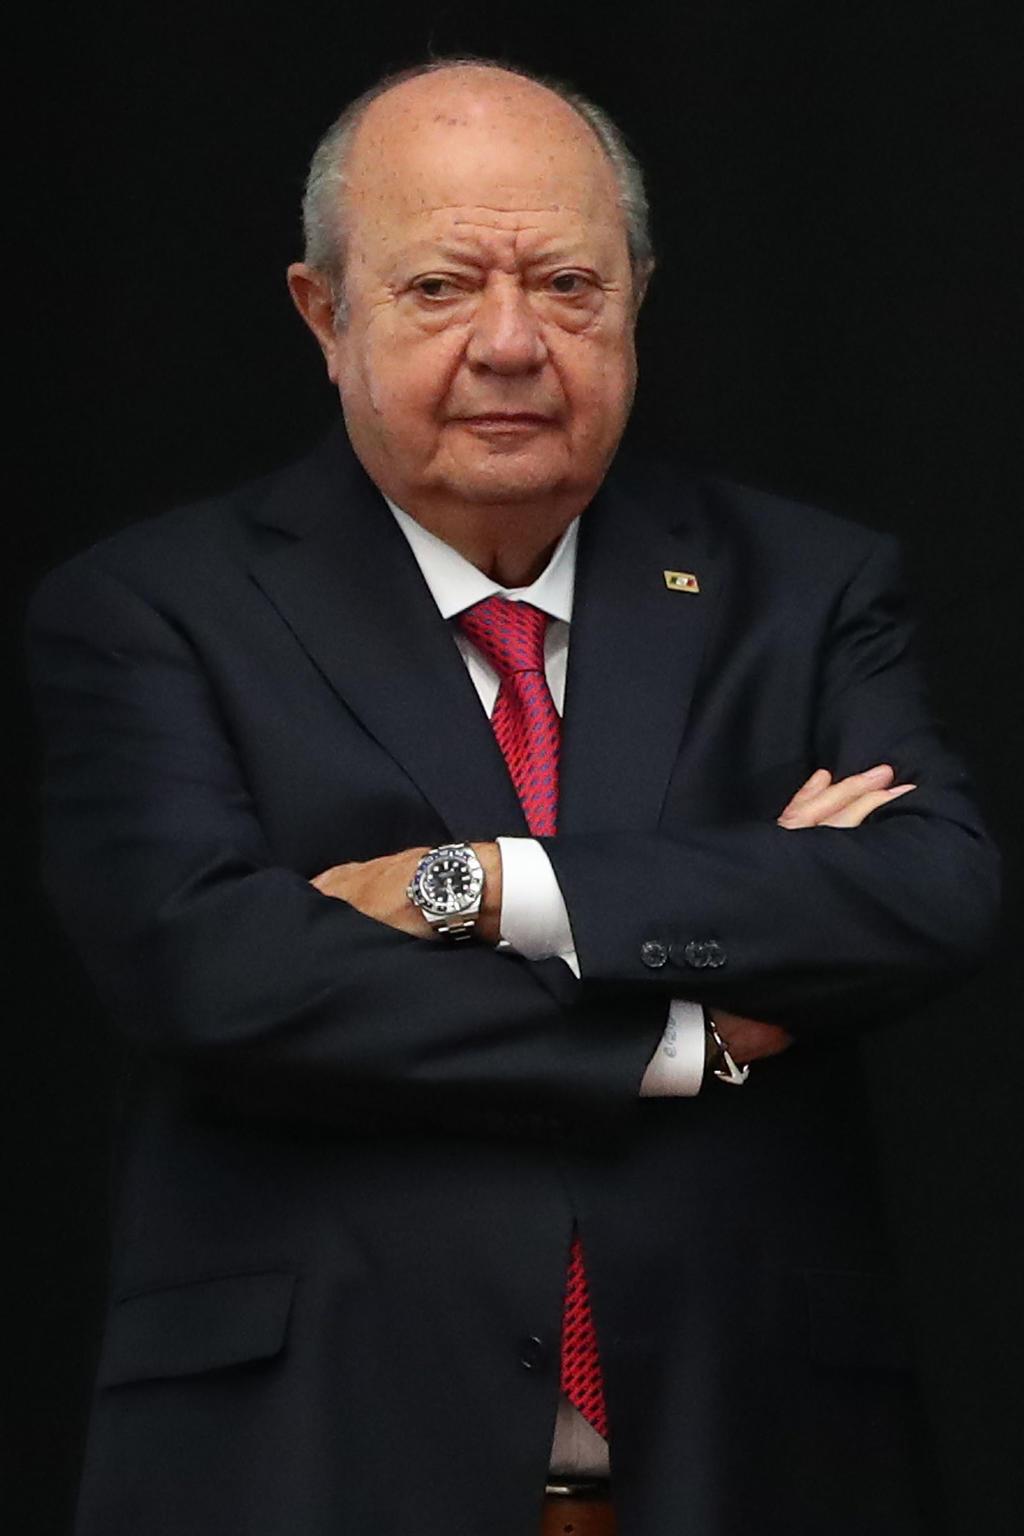 Romero Deschamps señaló que debe existir cooperación para impulsar los proyectos que permitan el verdadero avance de Pemex hacia su consolidación.